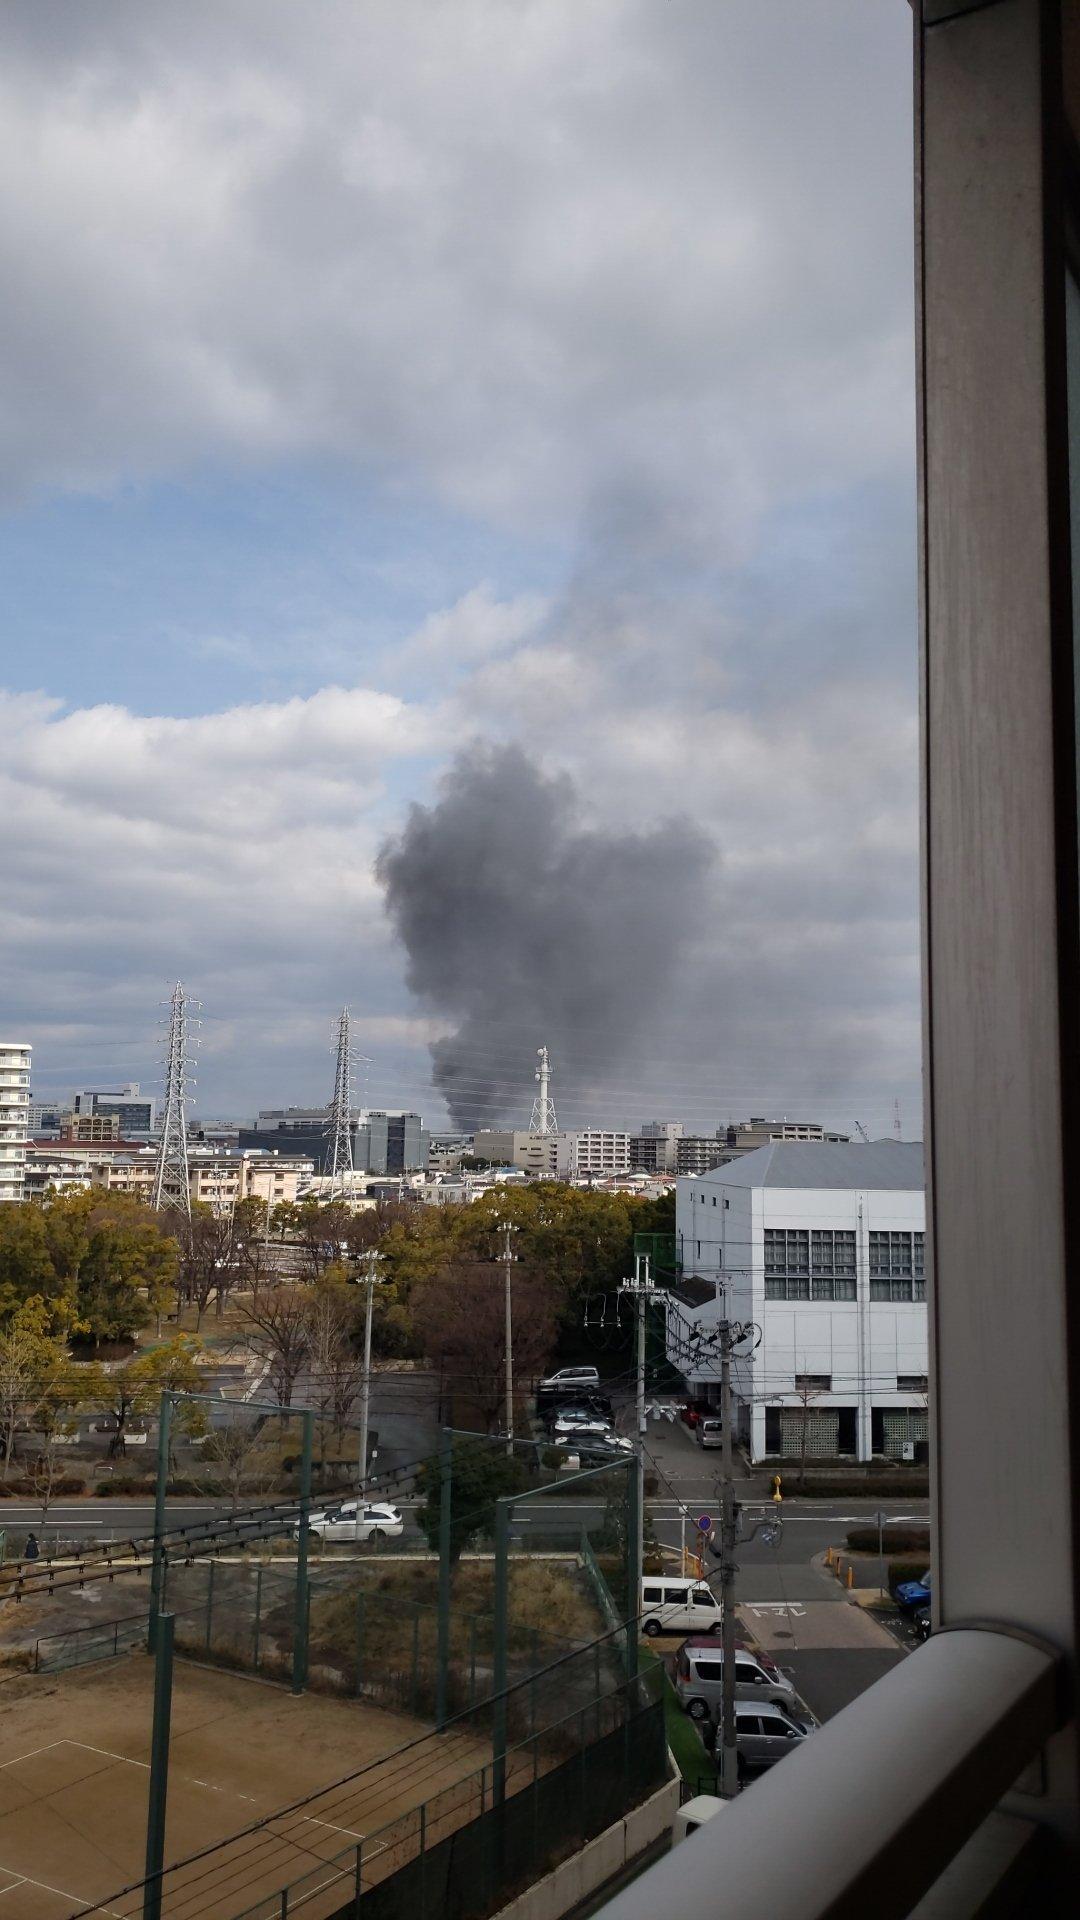 画像,外に出たら火事、、、幸先悪いなぁ、、 https://t.co/Ko4KDm0t1w。